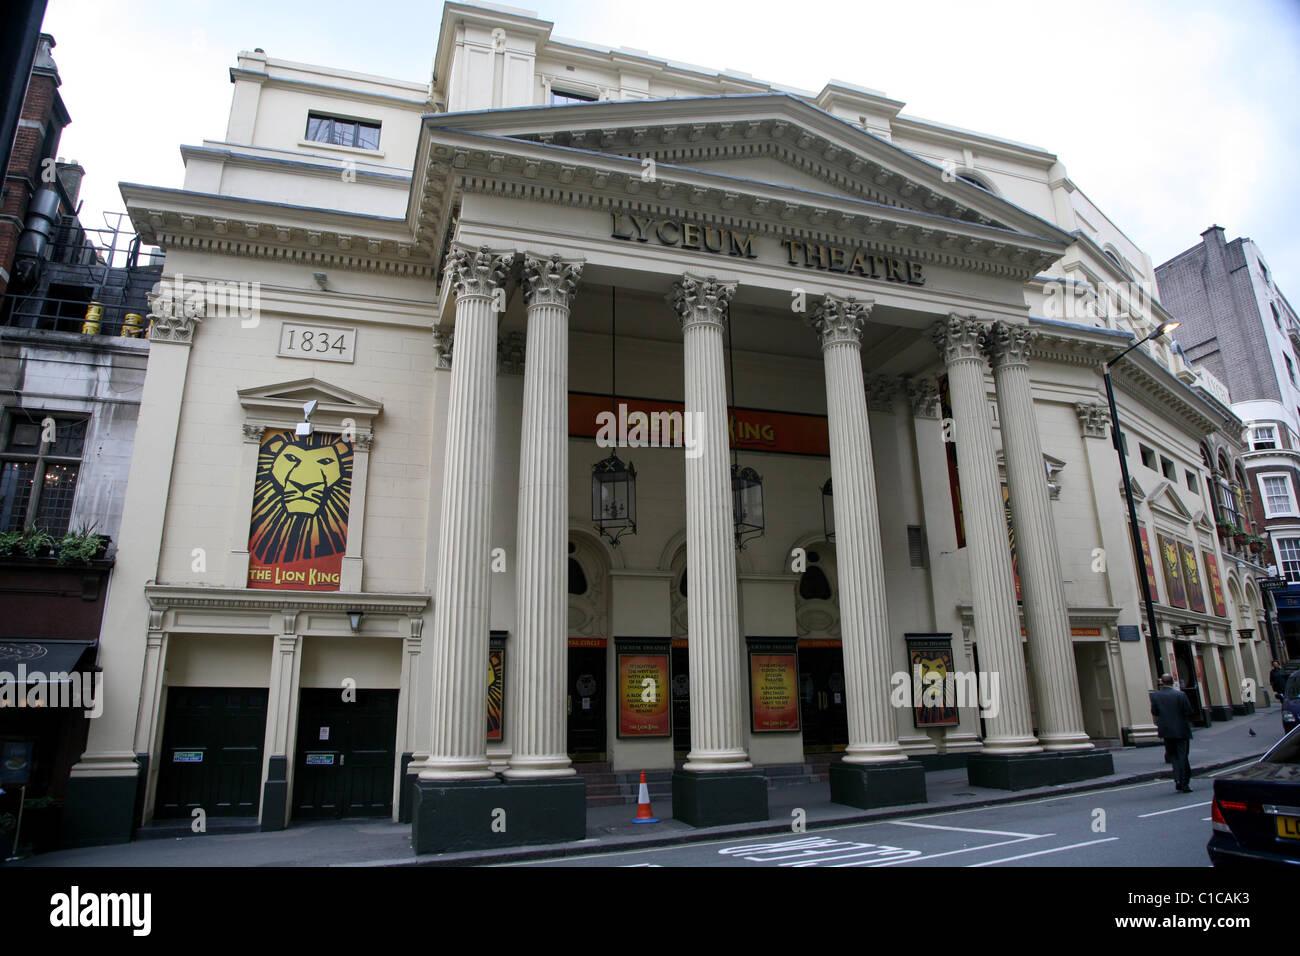 Vue générale de la gv Lyceum Theatre à Londres, en Angleterre. Photo Stock